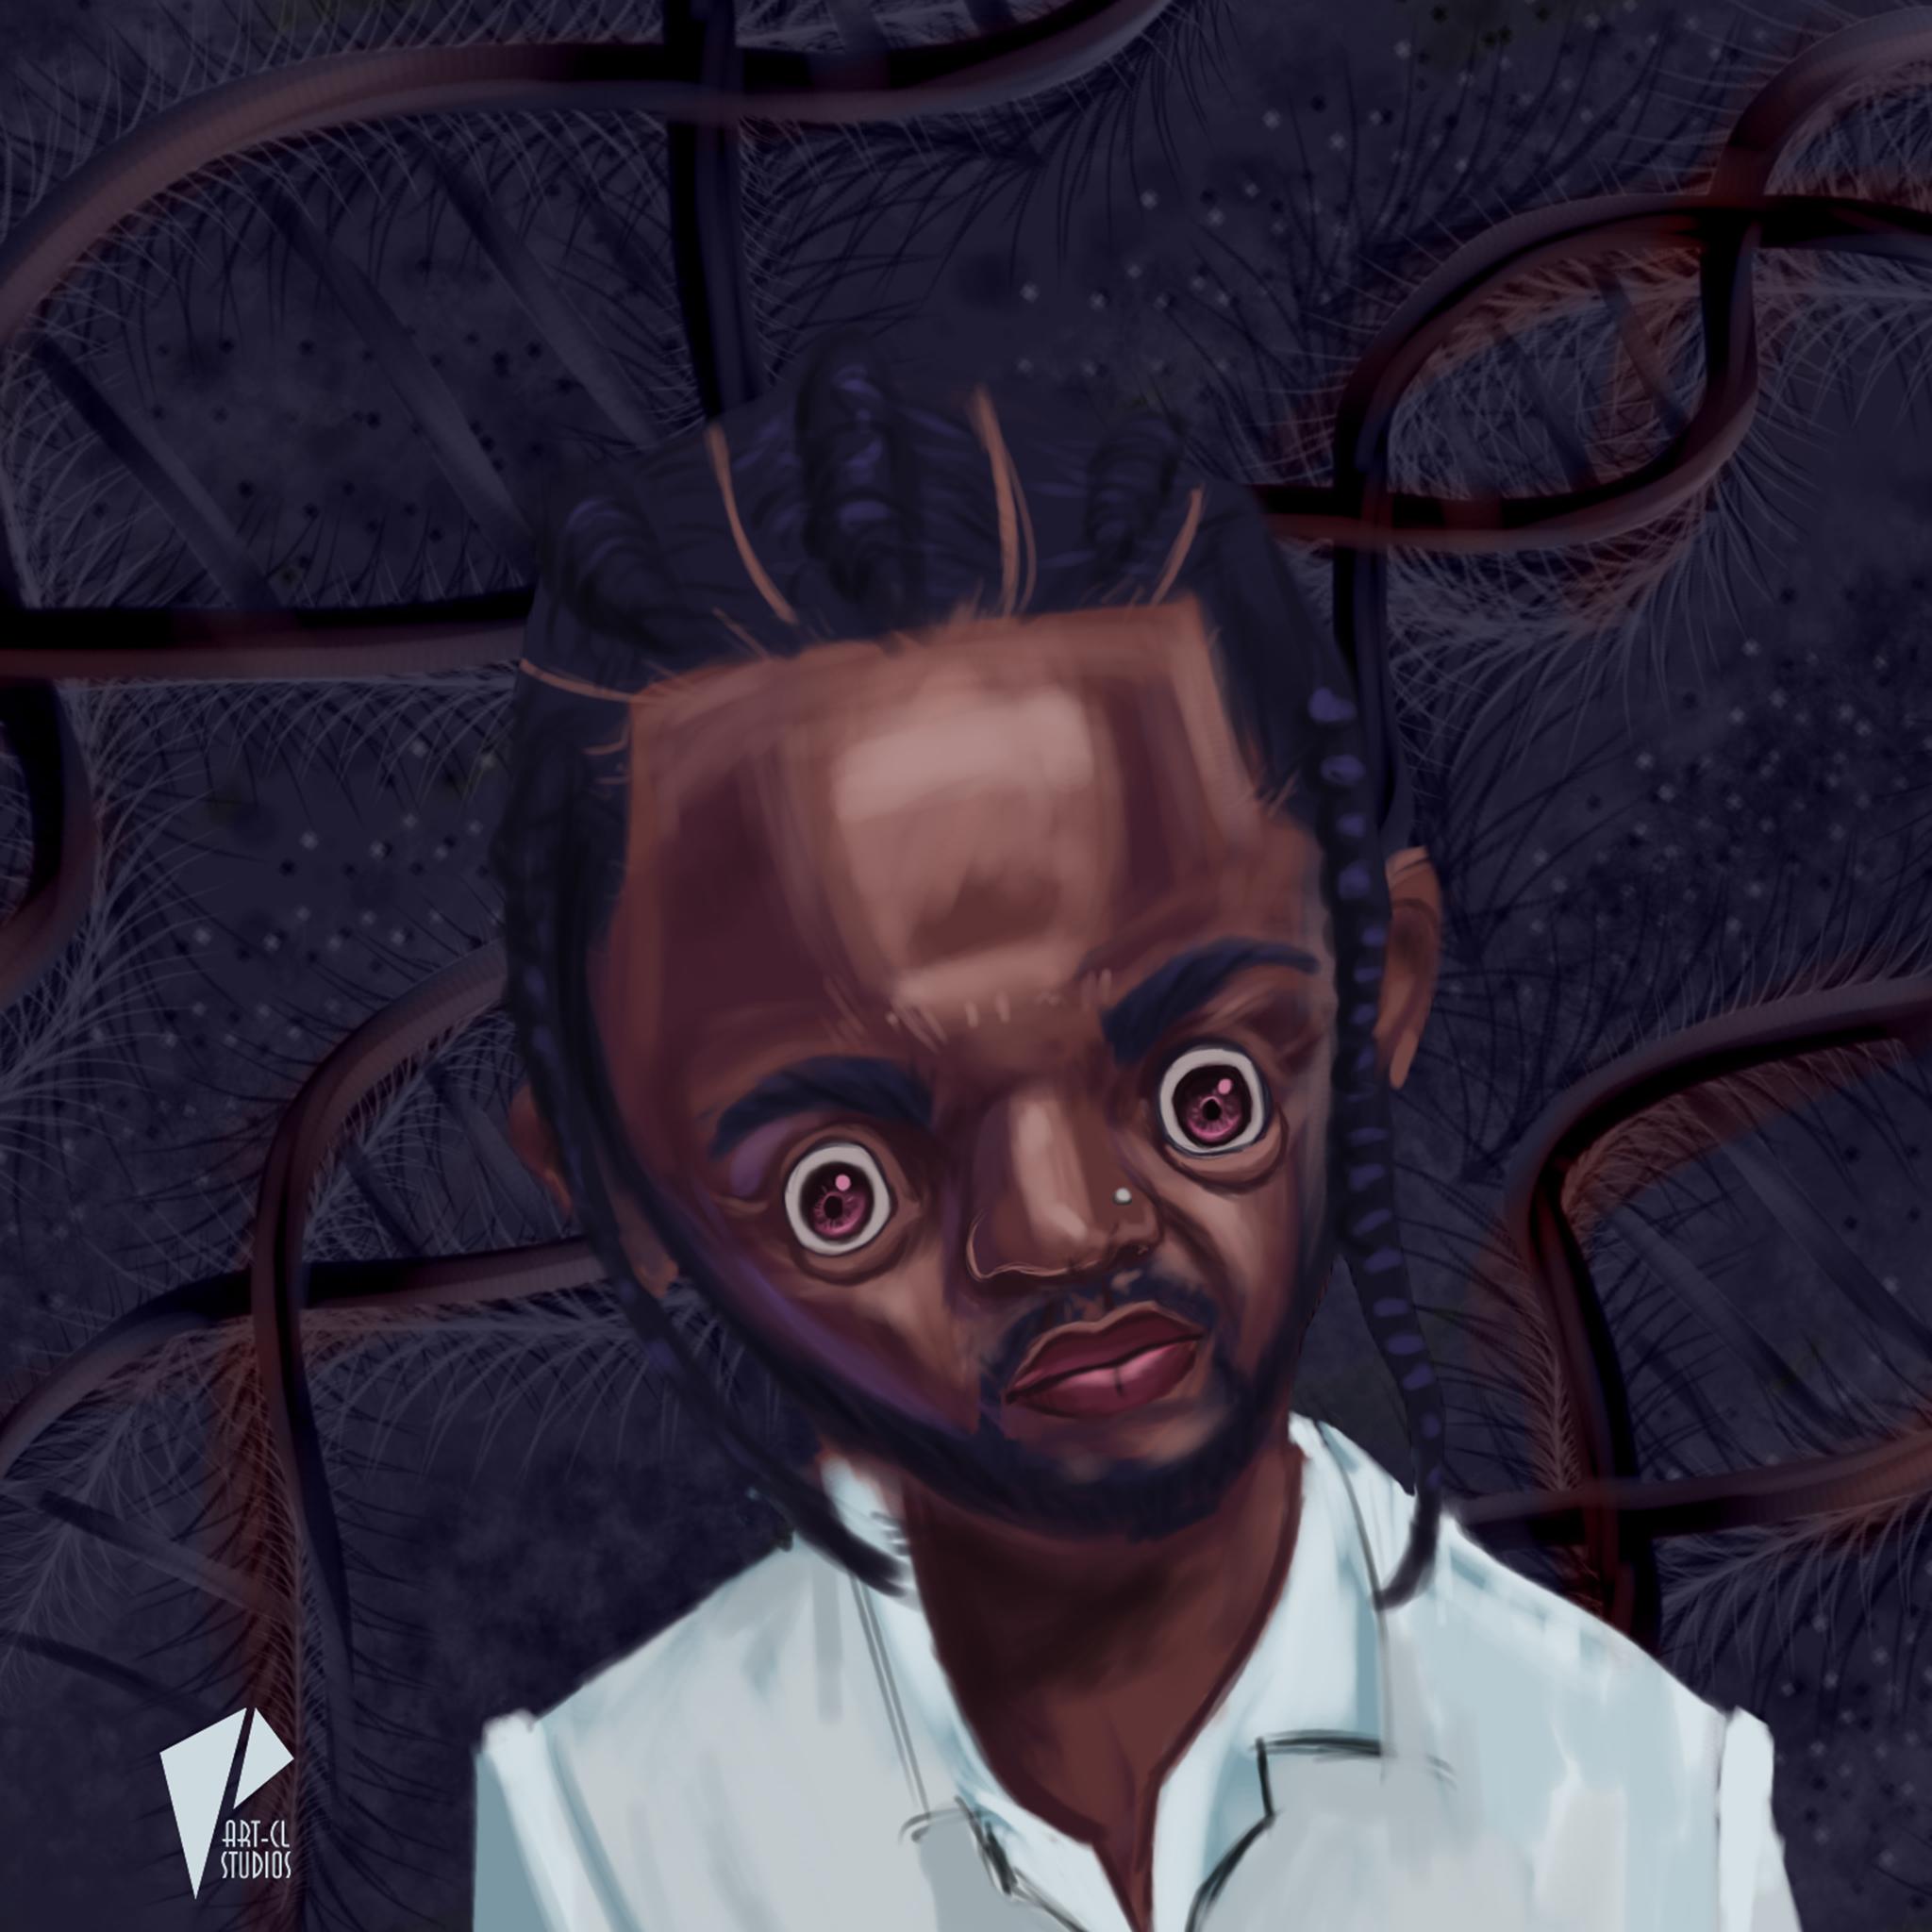 Caricature Kendrick Lamar